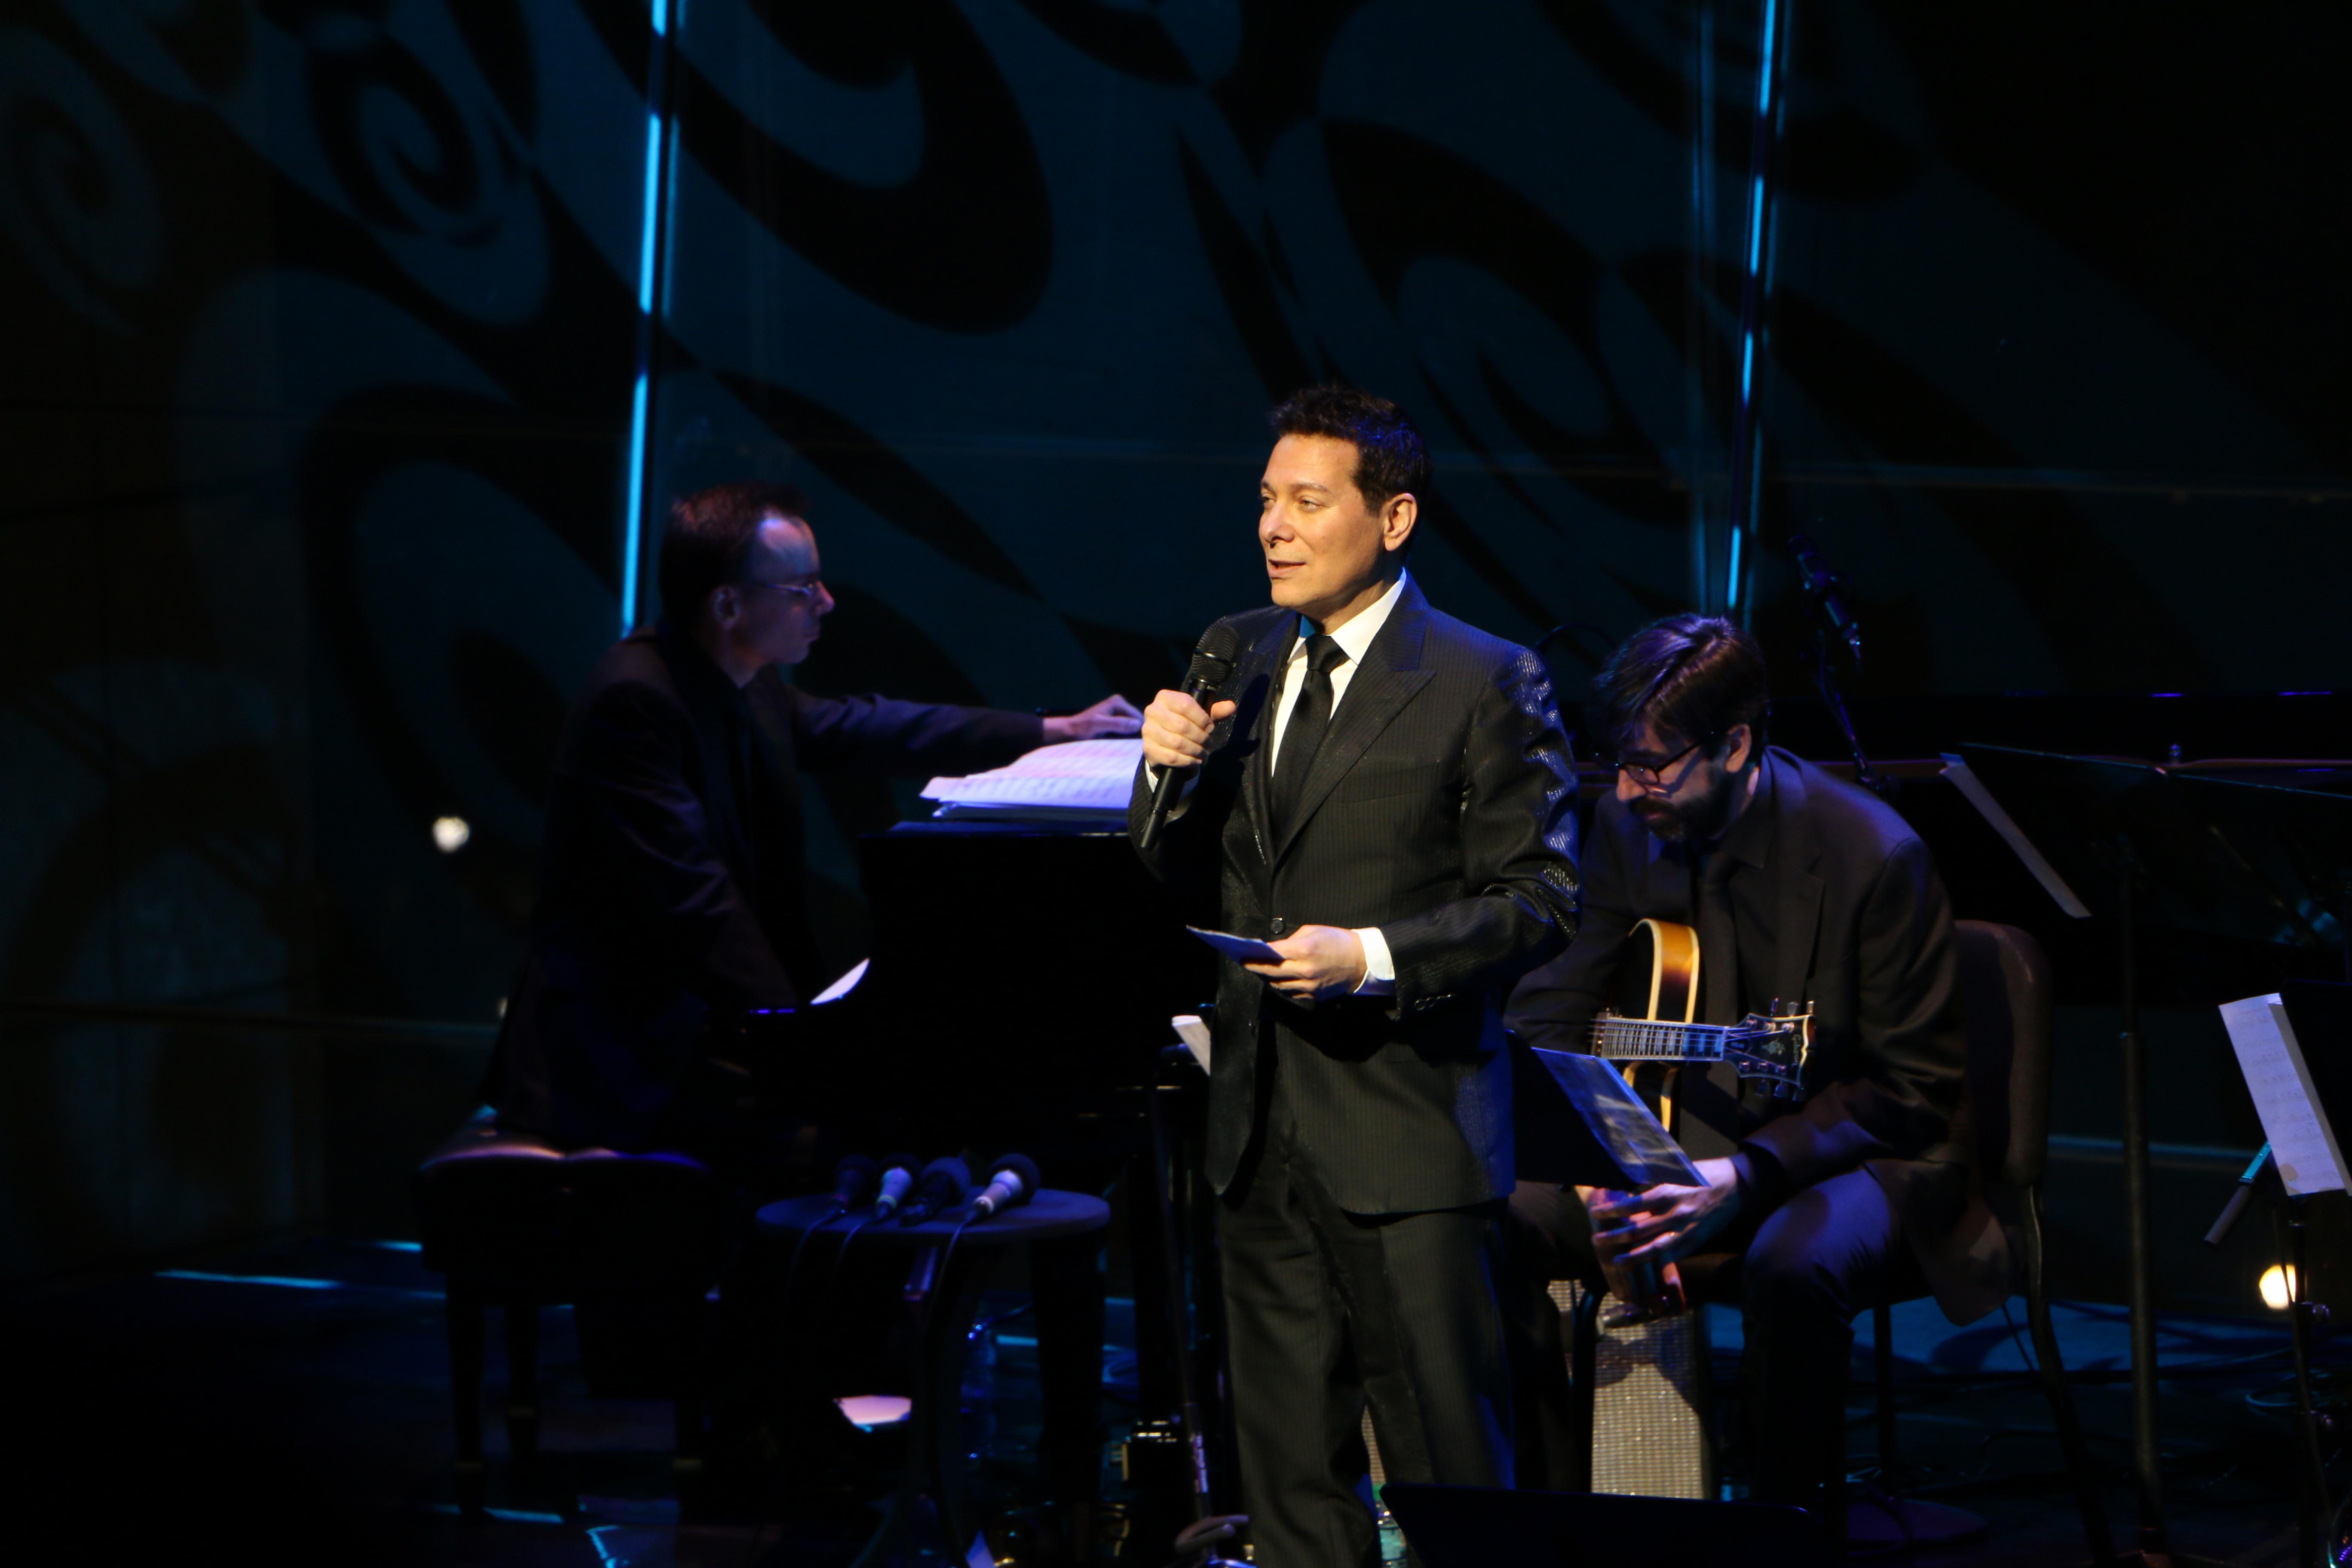 Michael Feinstein: The Great Jazz Standards